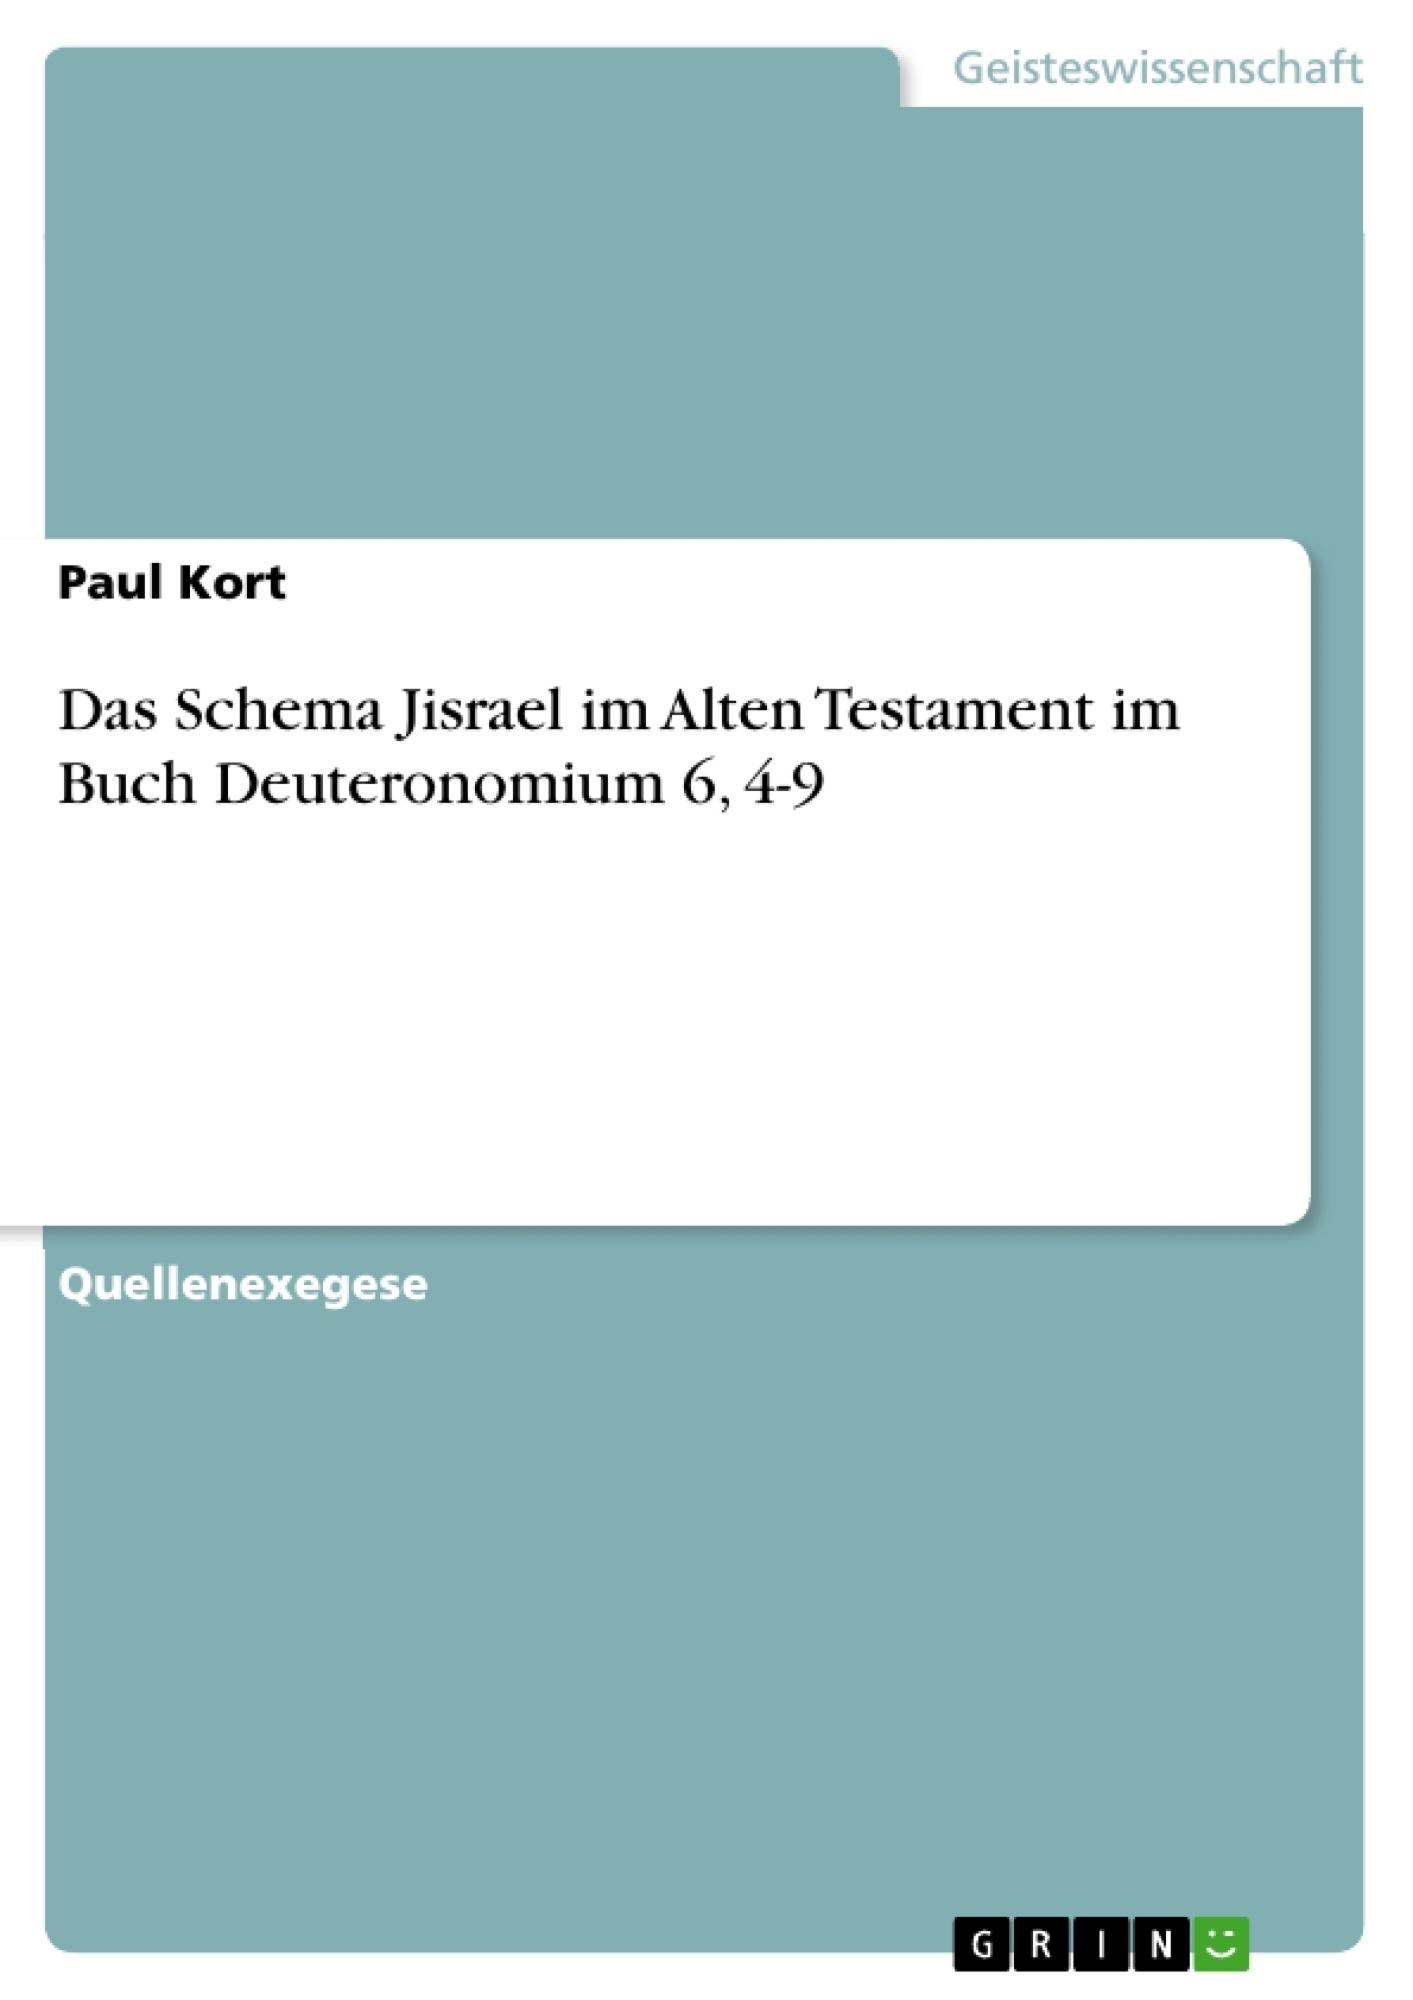 Titel: Das Schema Jisrael im Alten Testament im Buch Deuteronomium 6, 4-9